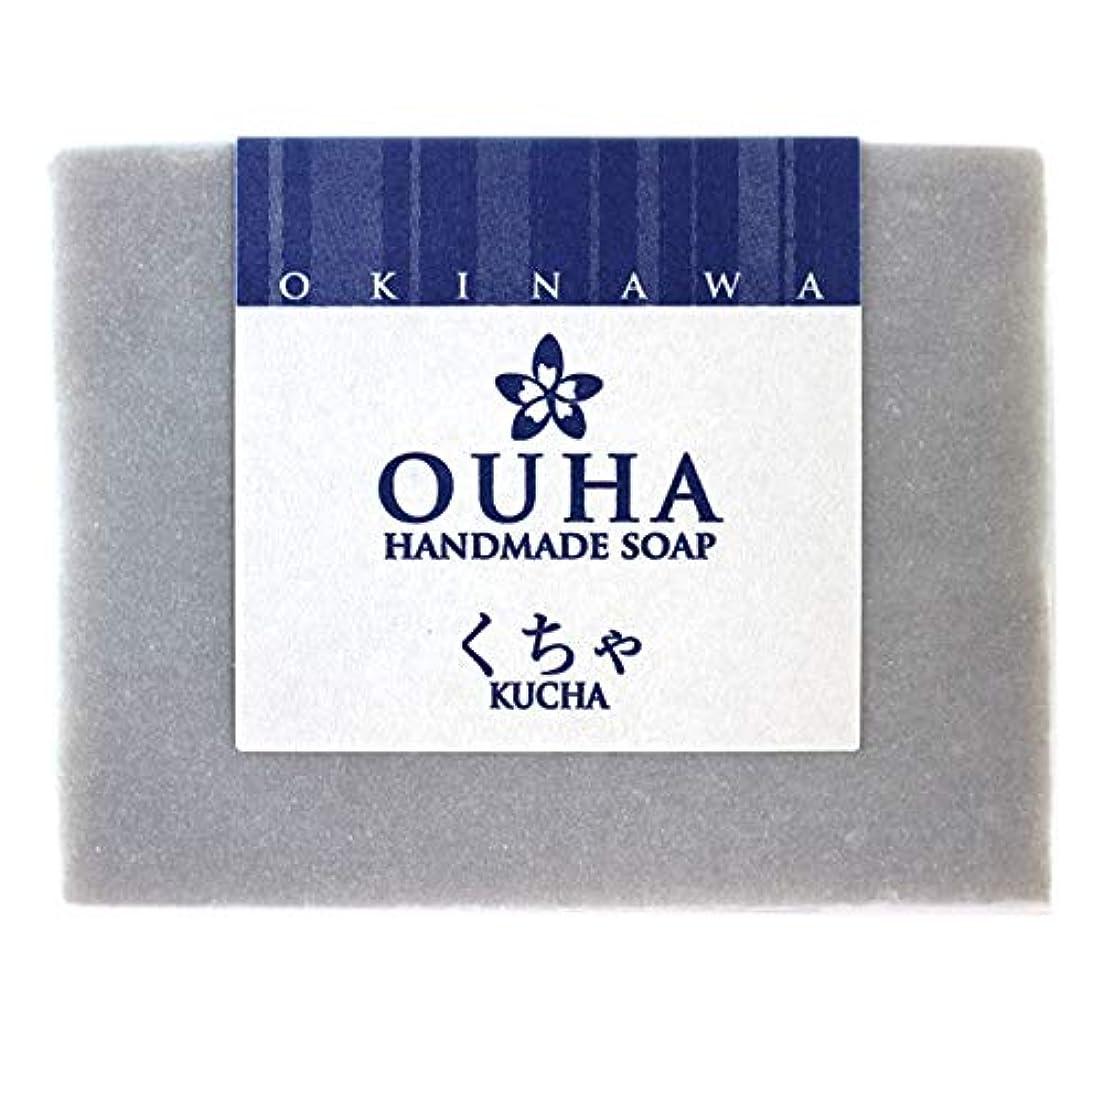 ラック傷跡本能沖縄県産 OUHAソープ くちゃ 石鹸 100g 3個セット